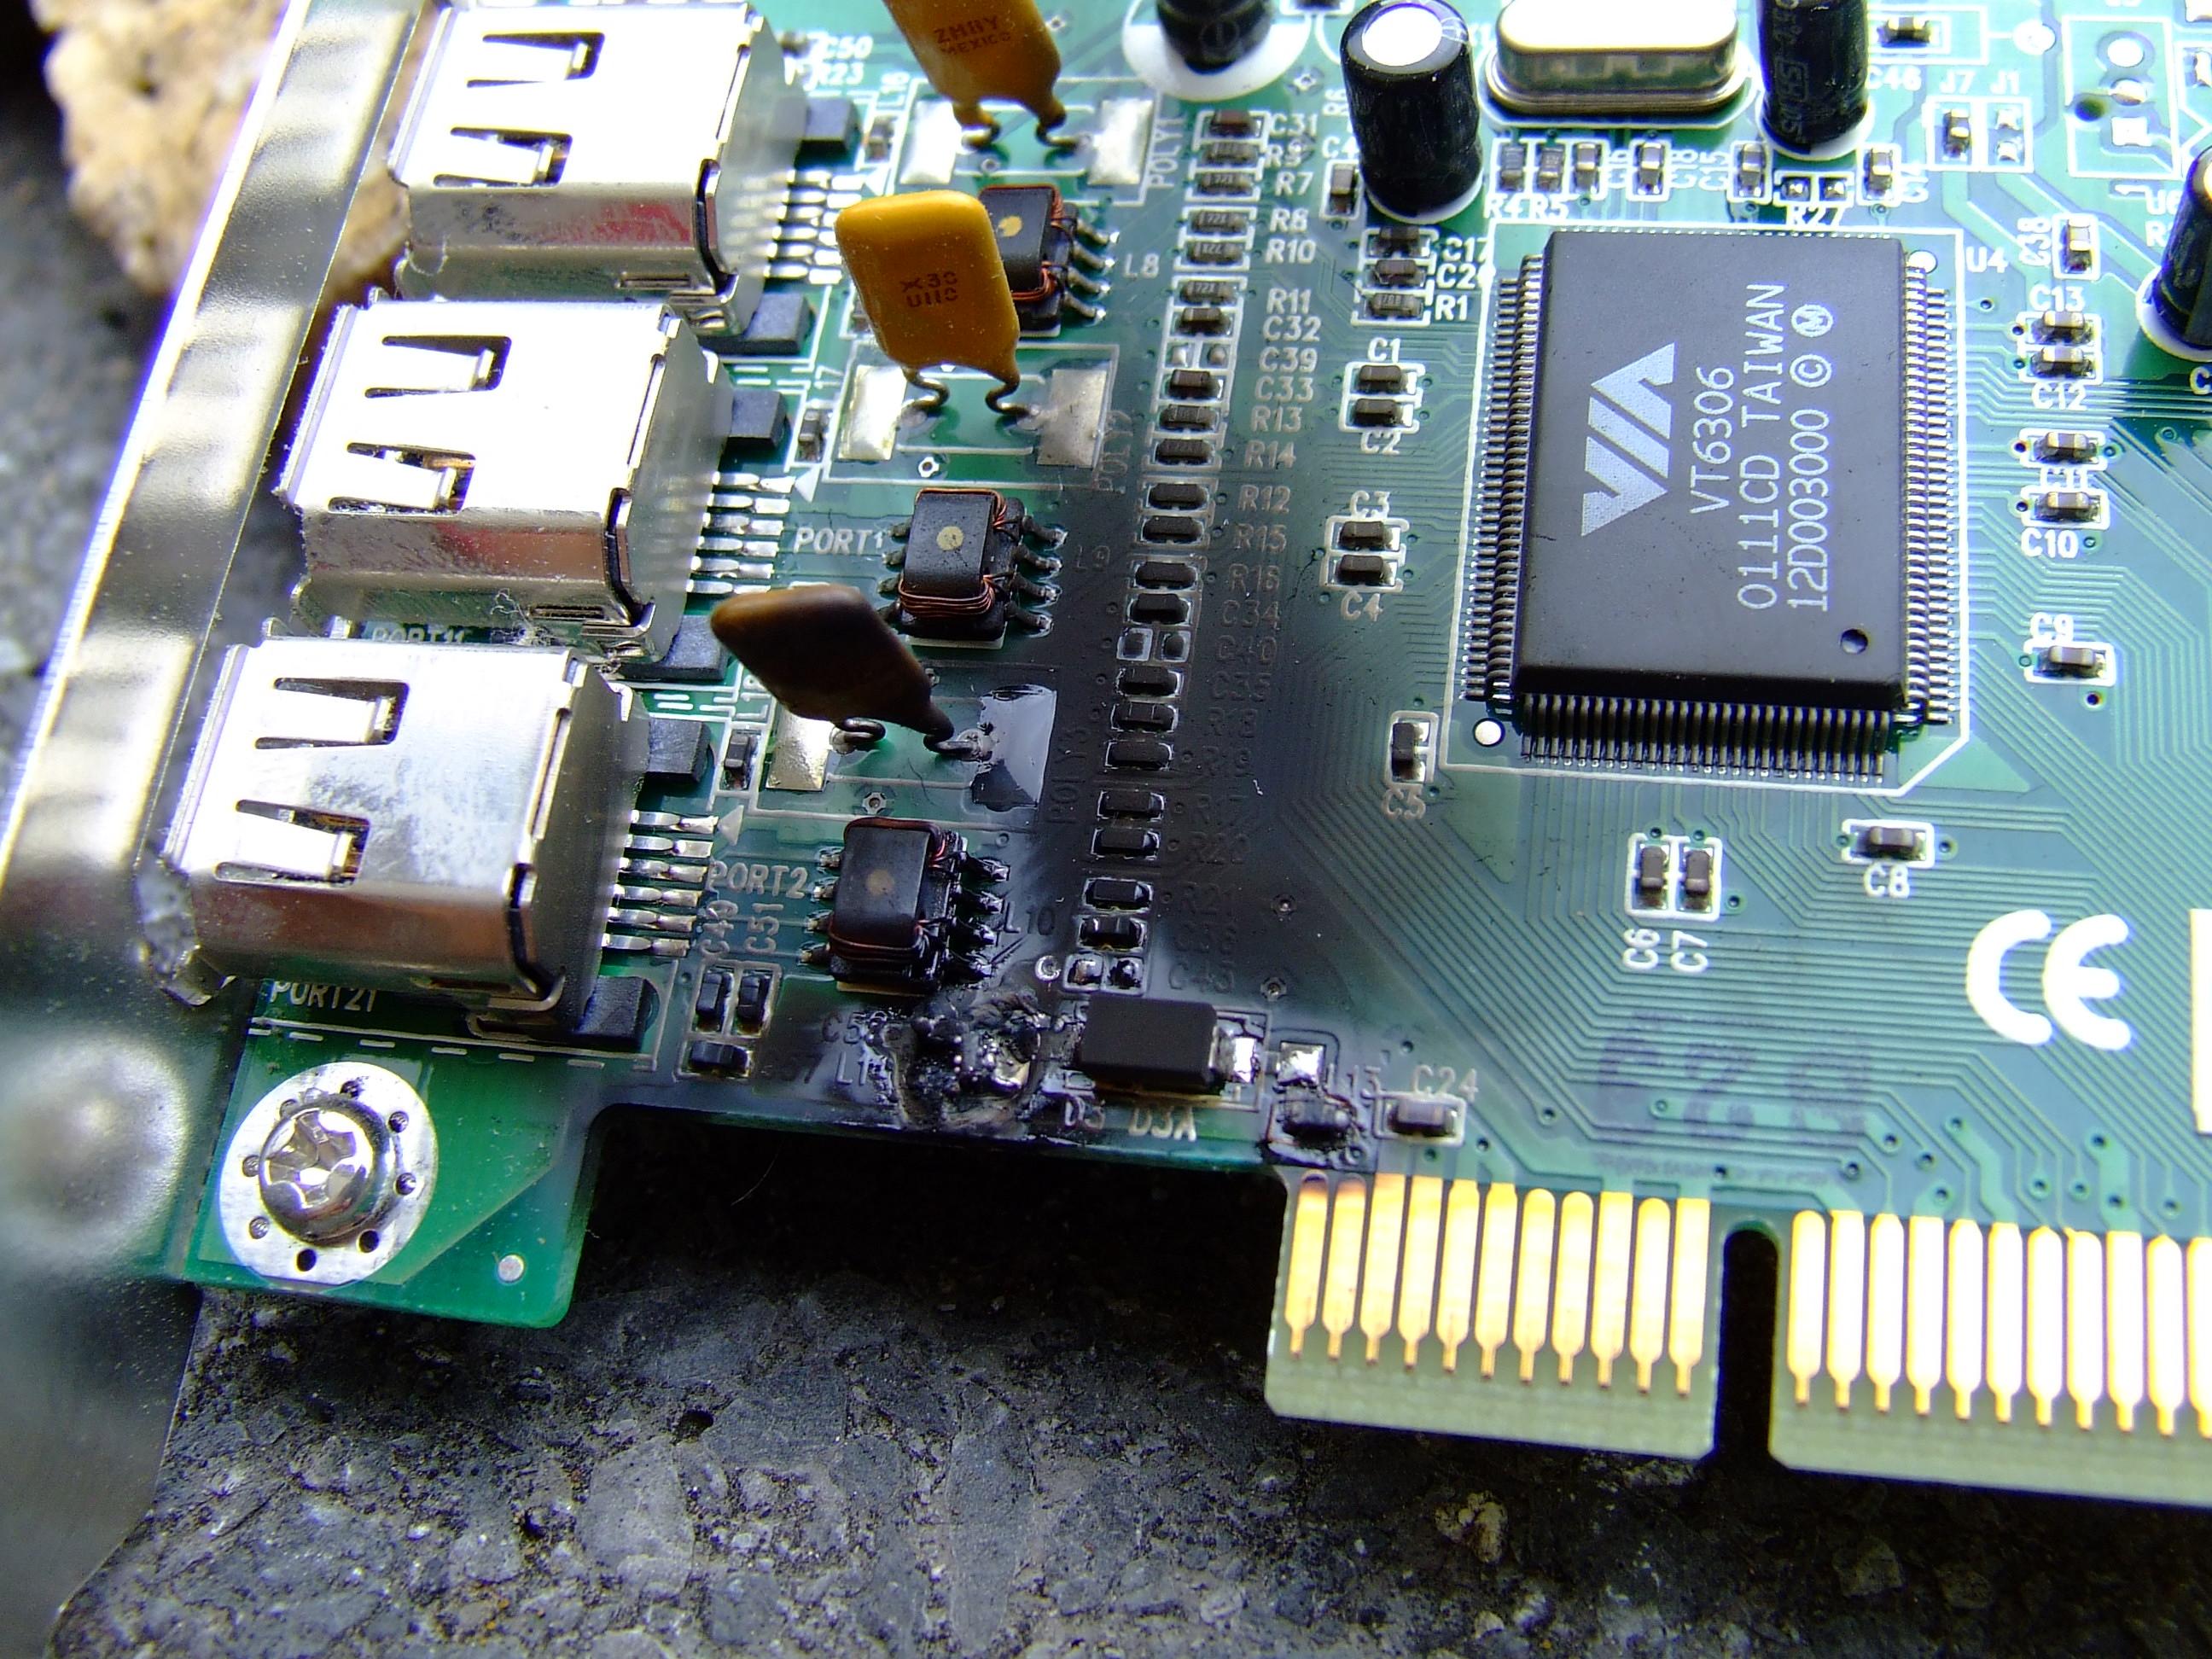 http://archiv.rme-audio.de/images/fw3.jpg